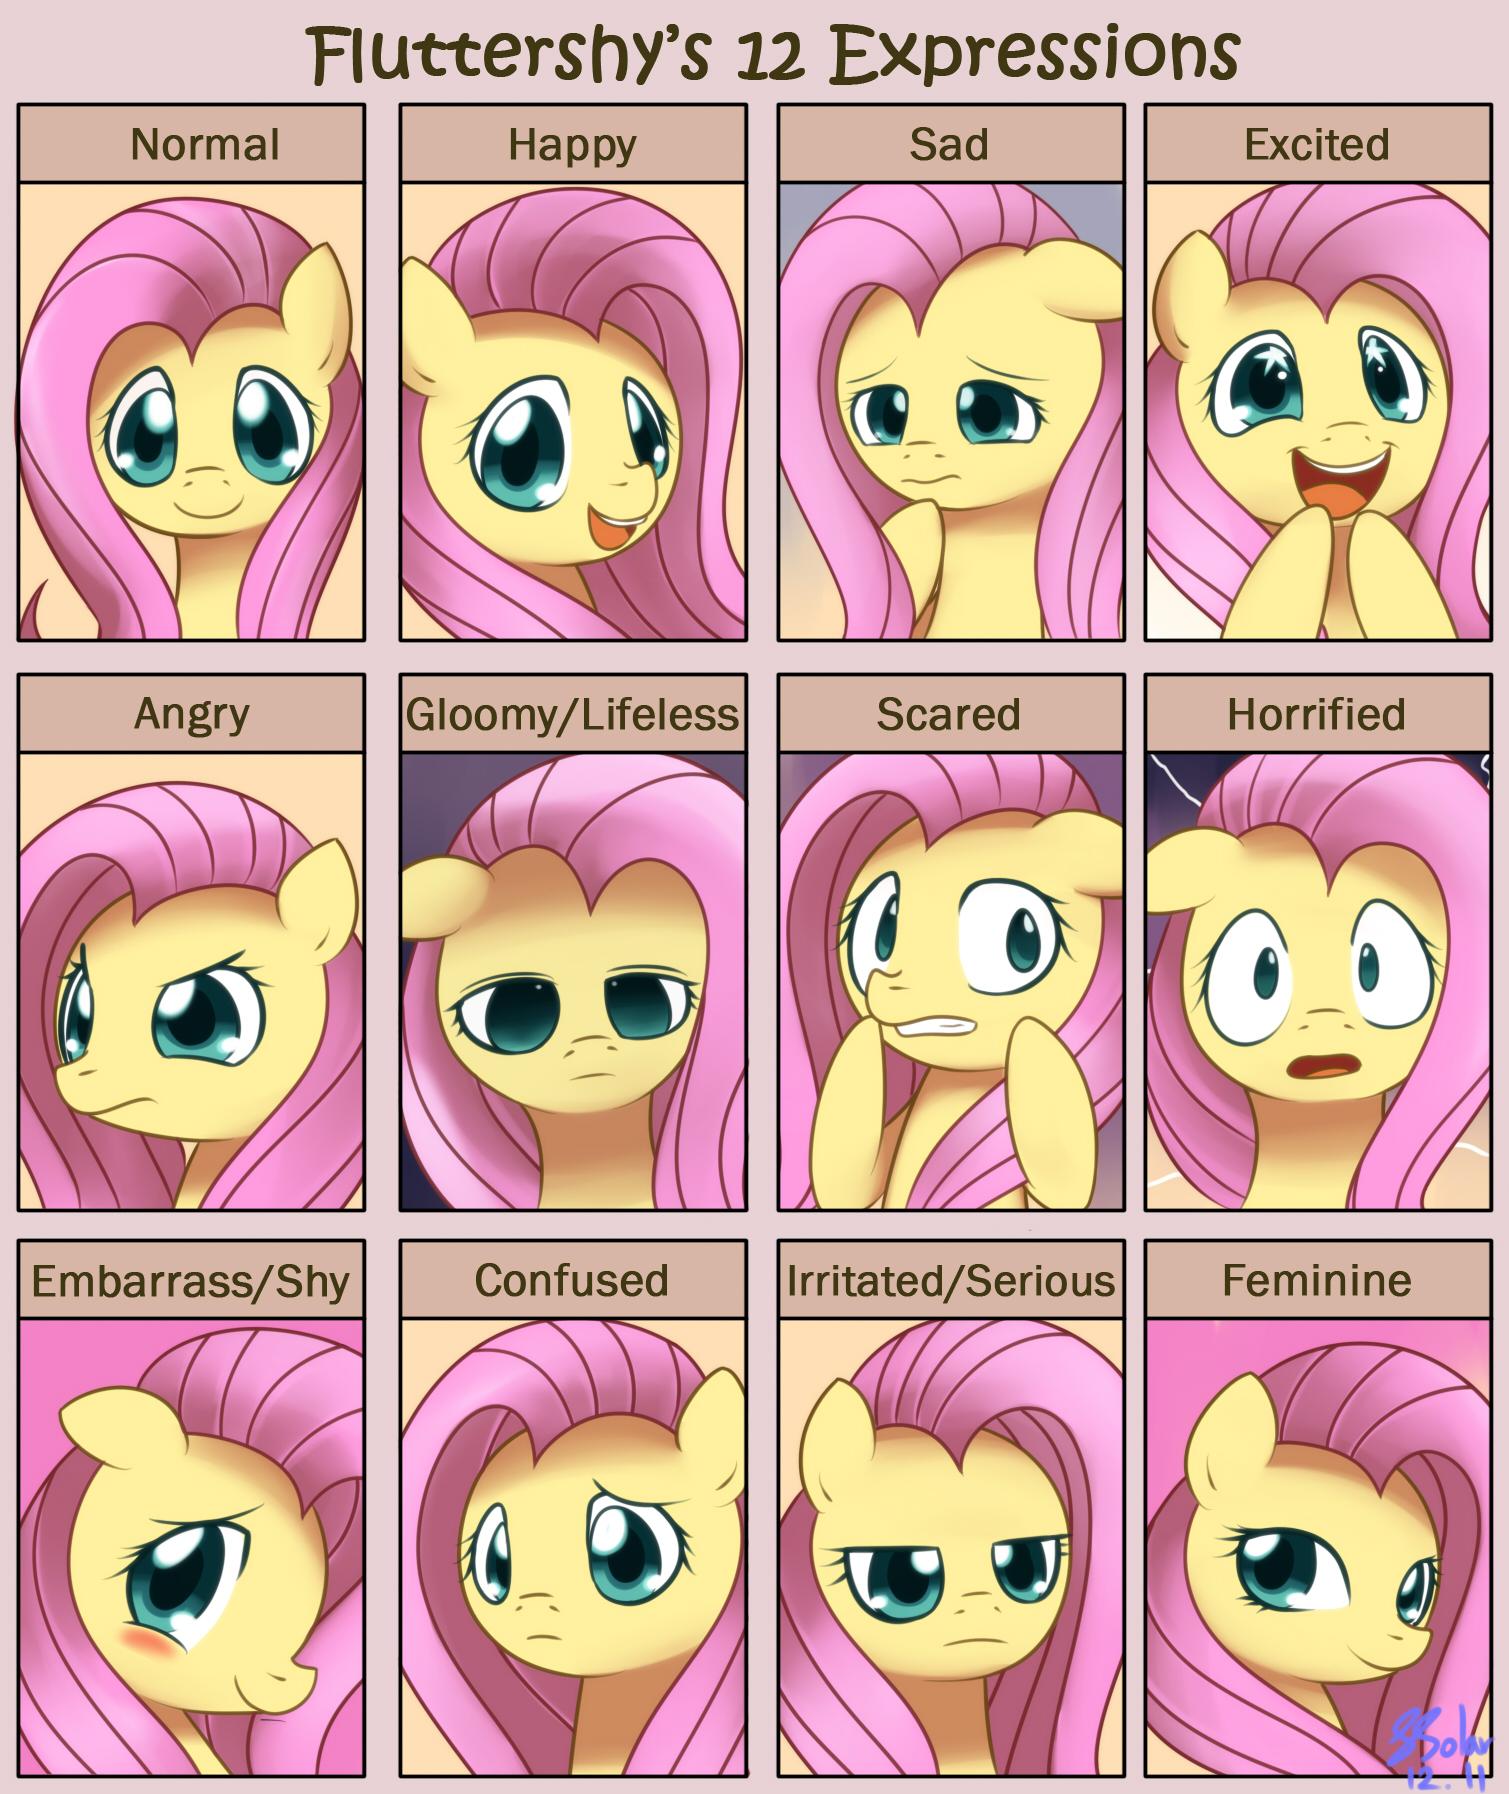 fluttershy_12_expressions_by_solar_slash